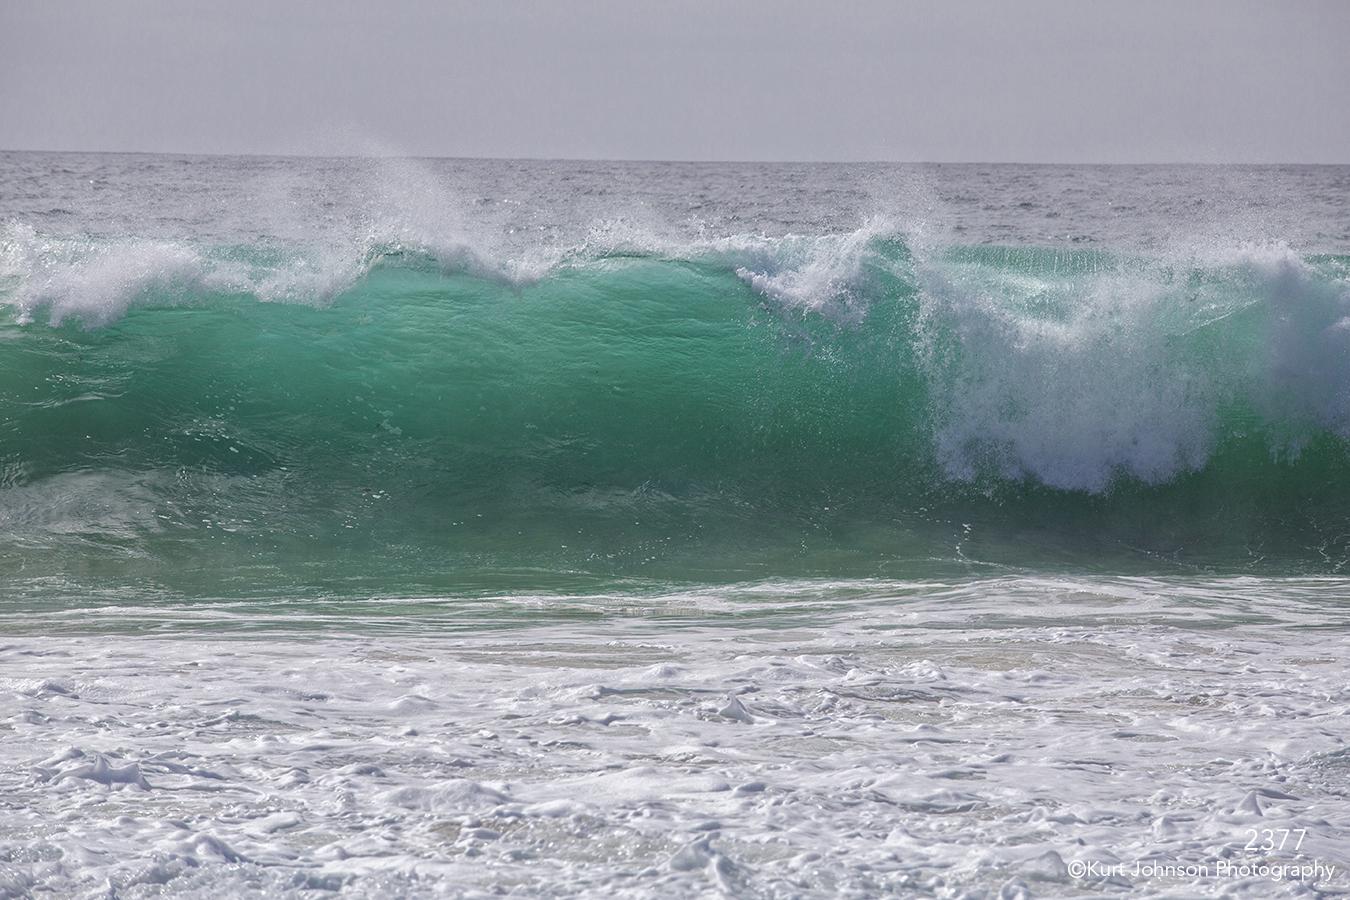 waterscape waves ocean water teal blue